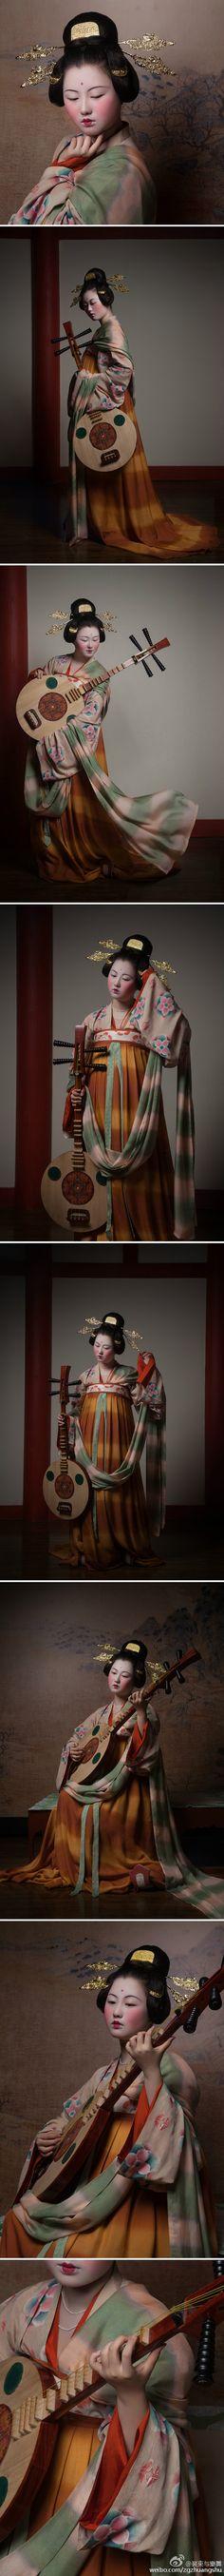 裝束与樂舞的照片 - 微相册